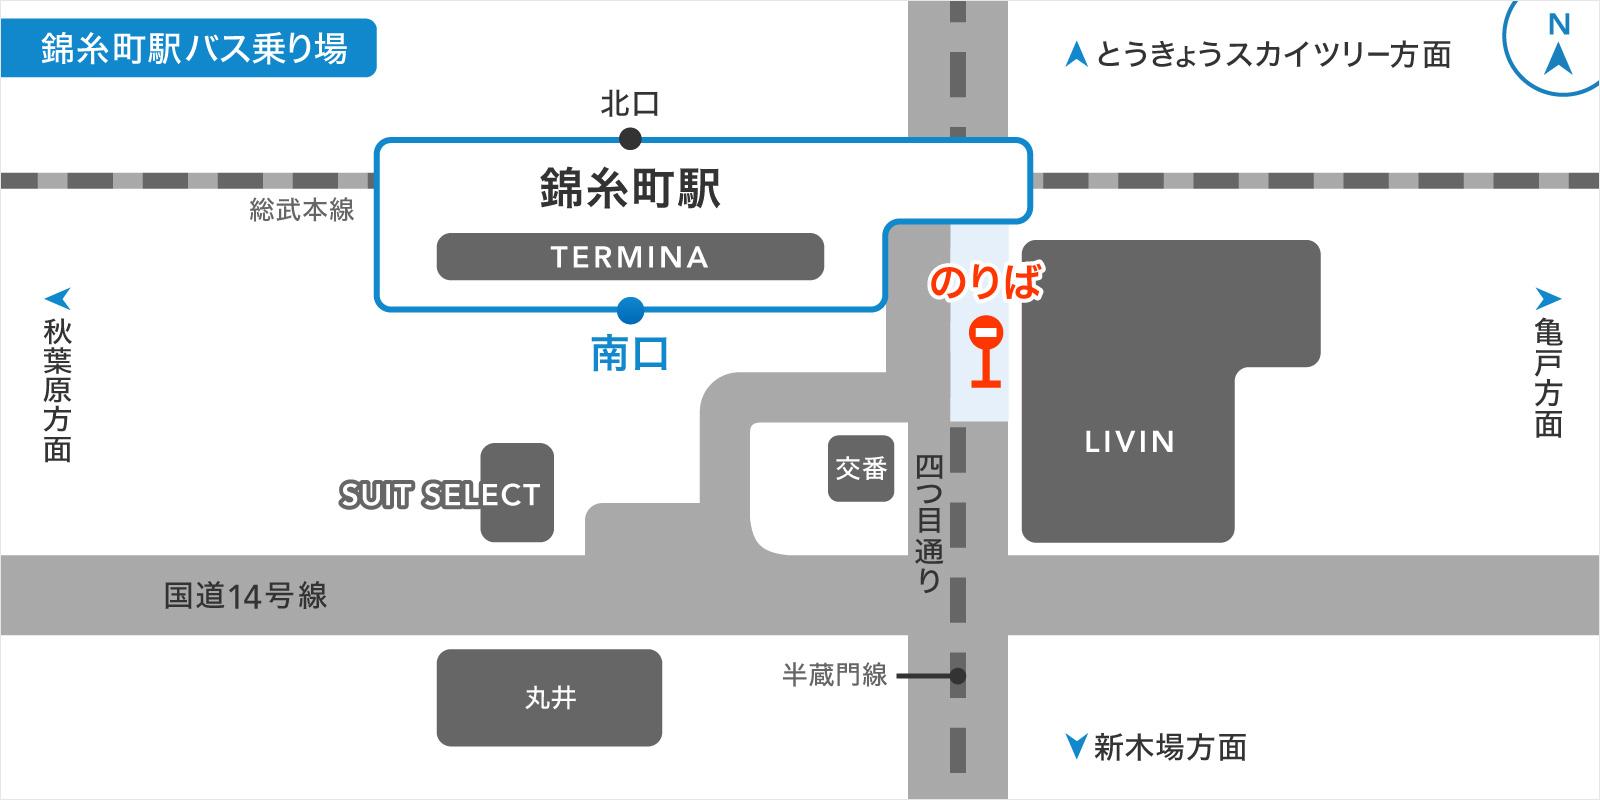 錦糸町駅バス乗り場の画像